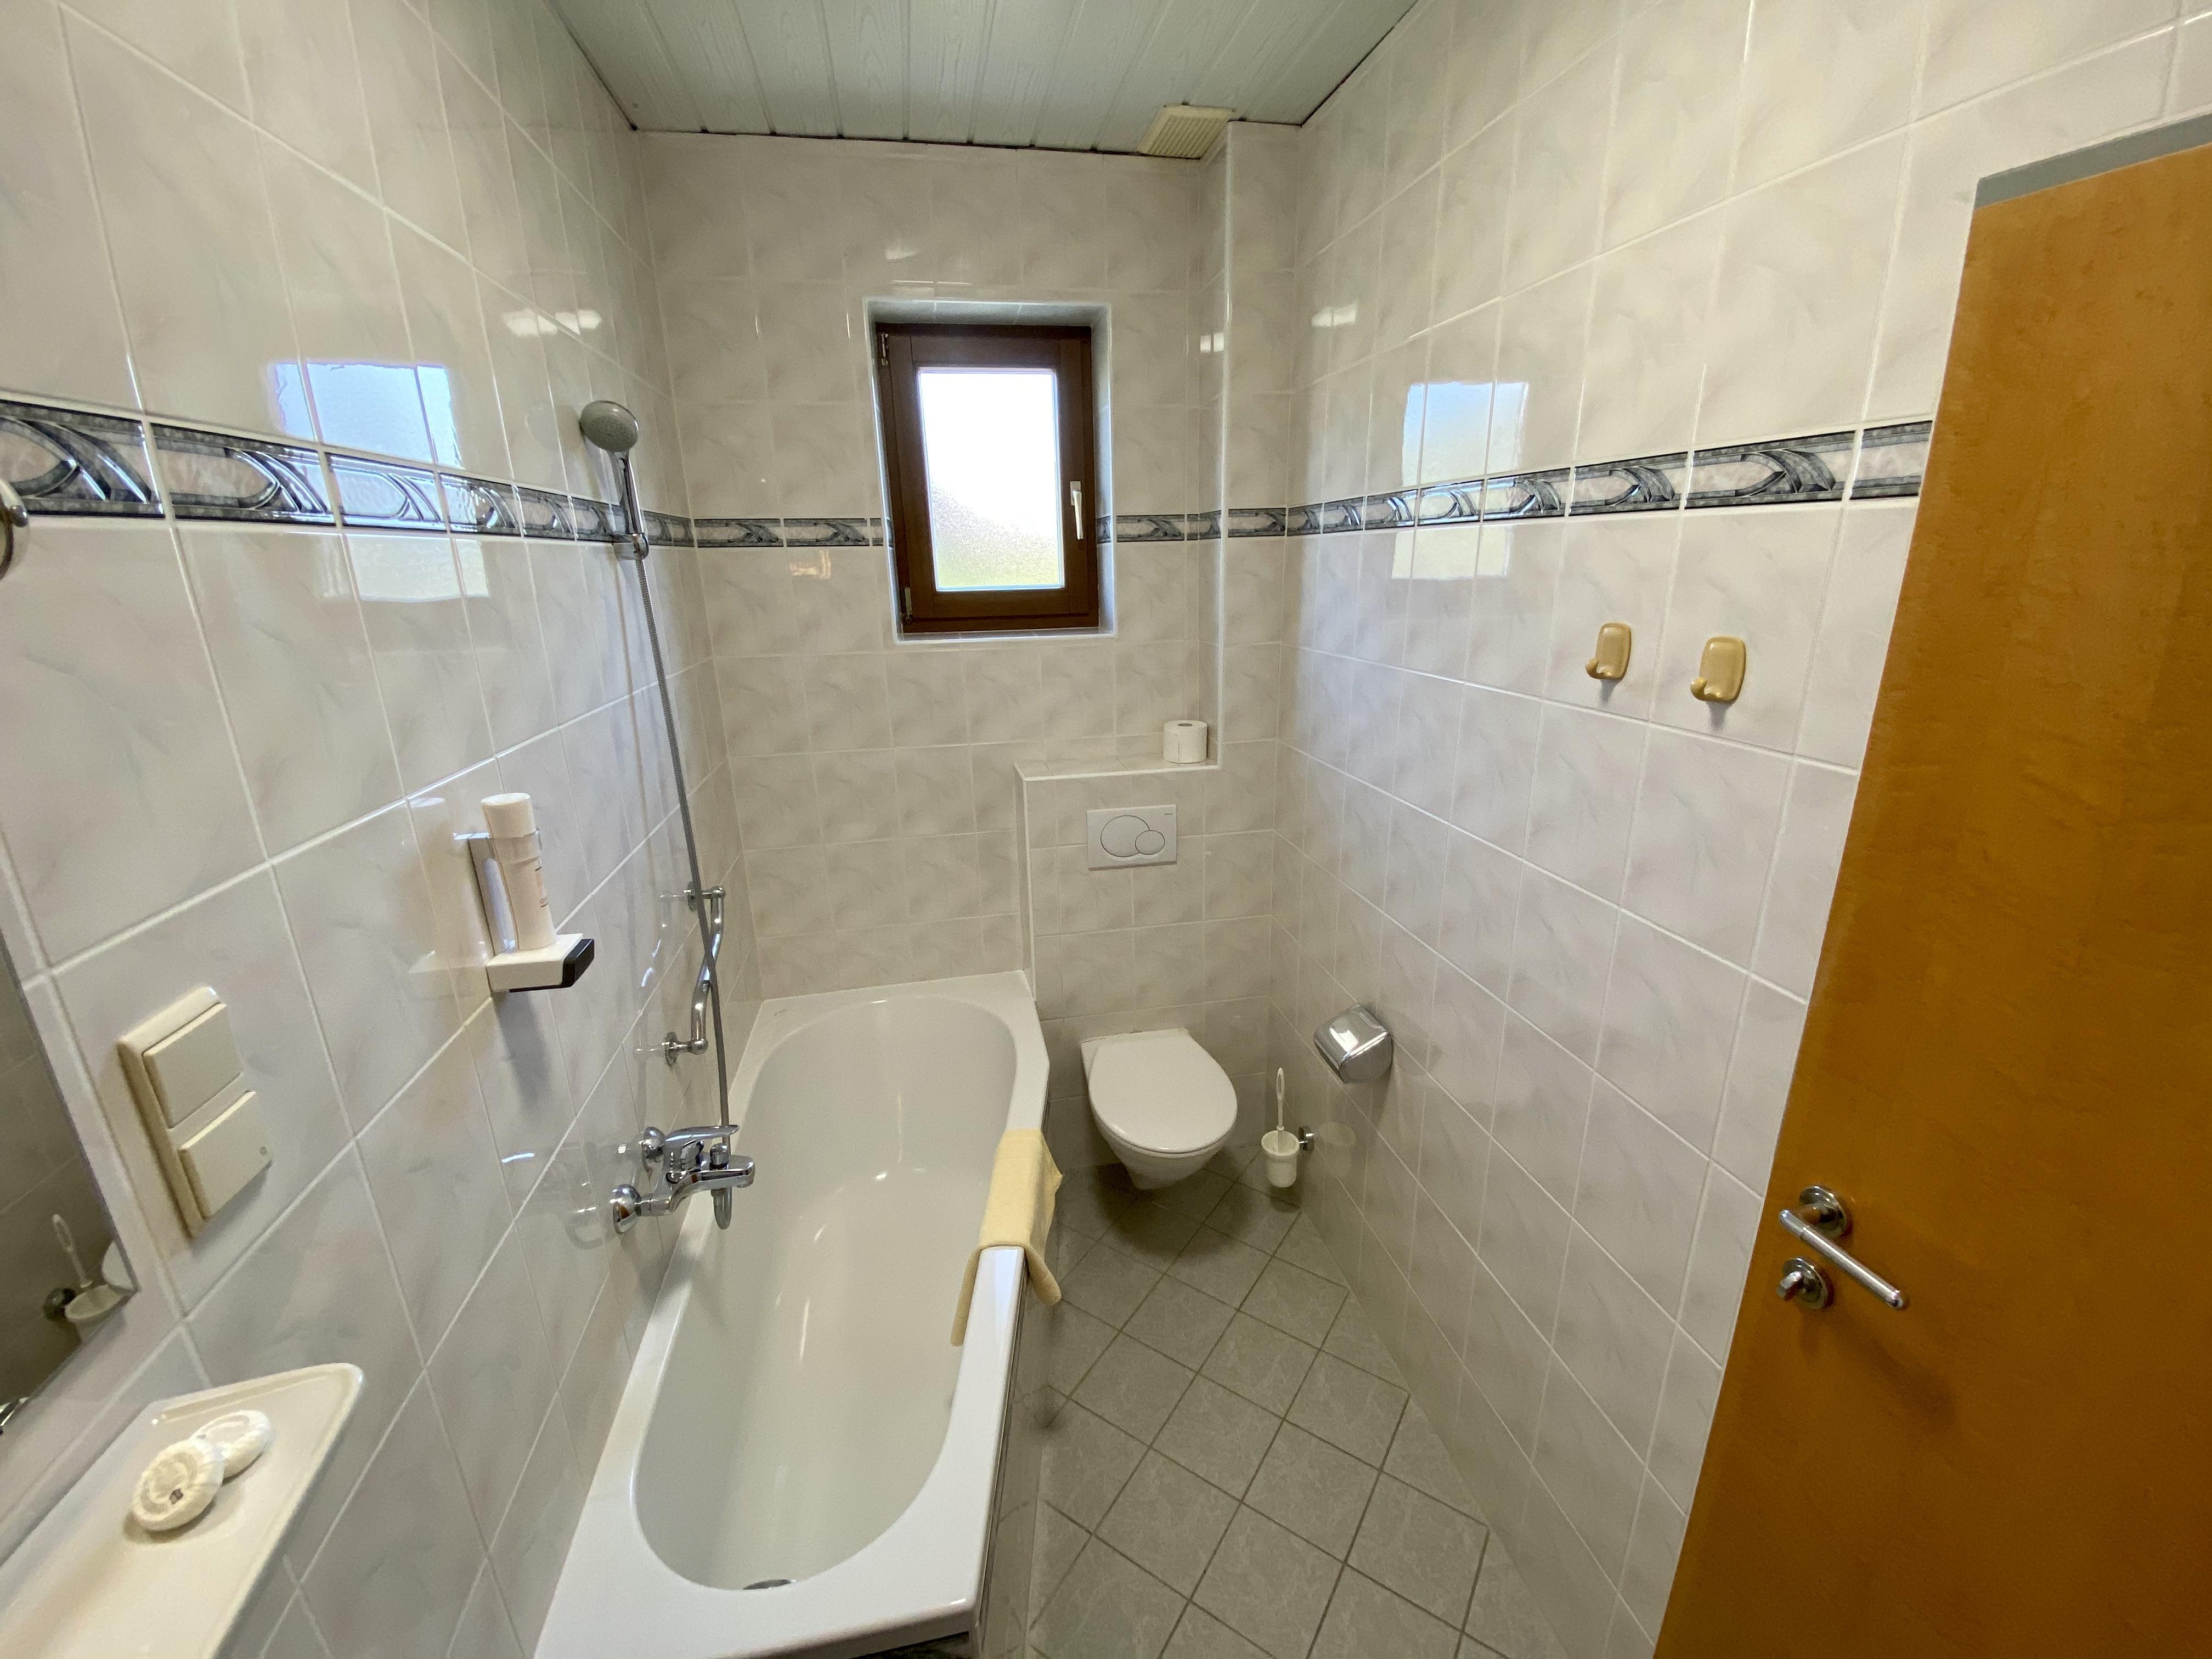 Zimmer Nr. 1 - Badezimmer mit Badewanne